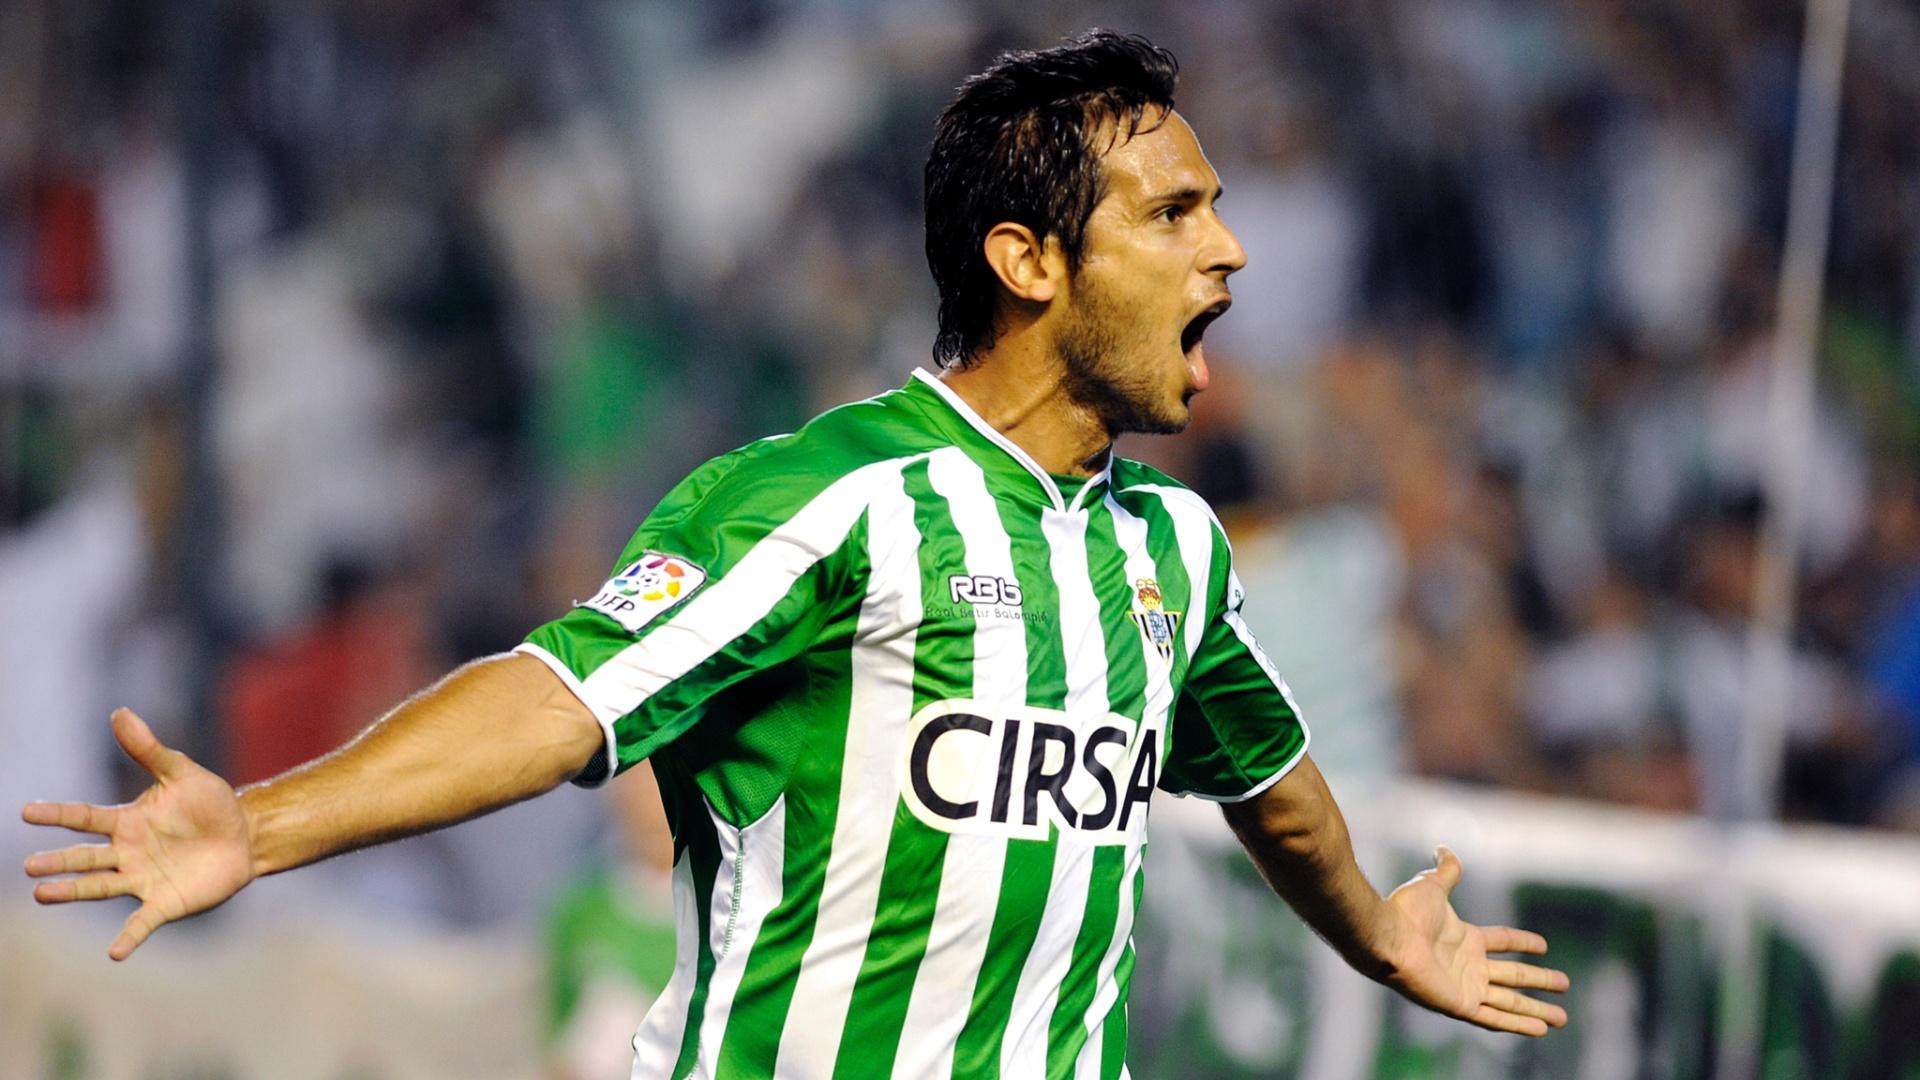 O paraguaio Roque Santa Cruz comemora um de seus dois gols na vitória do Betis sobre o Zaragoza por 4 a 3